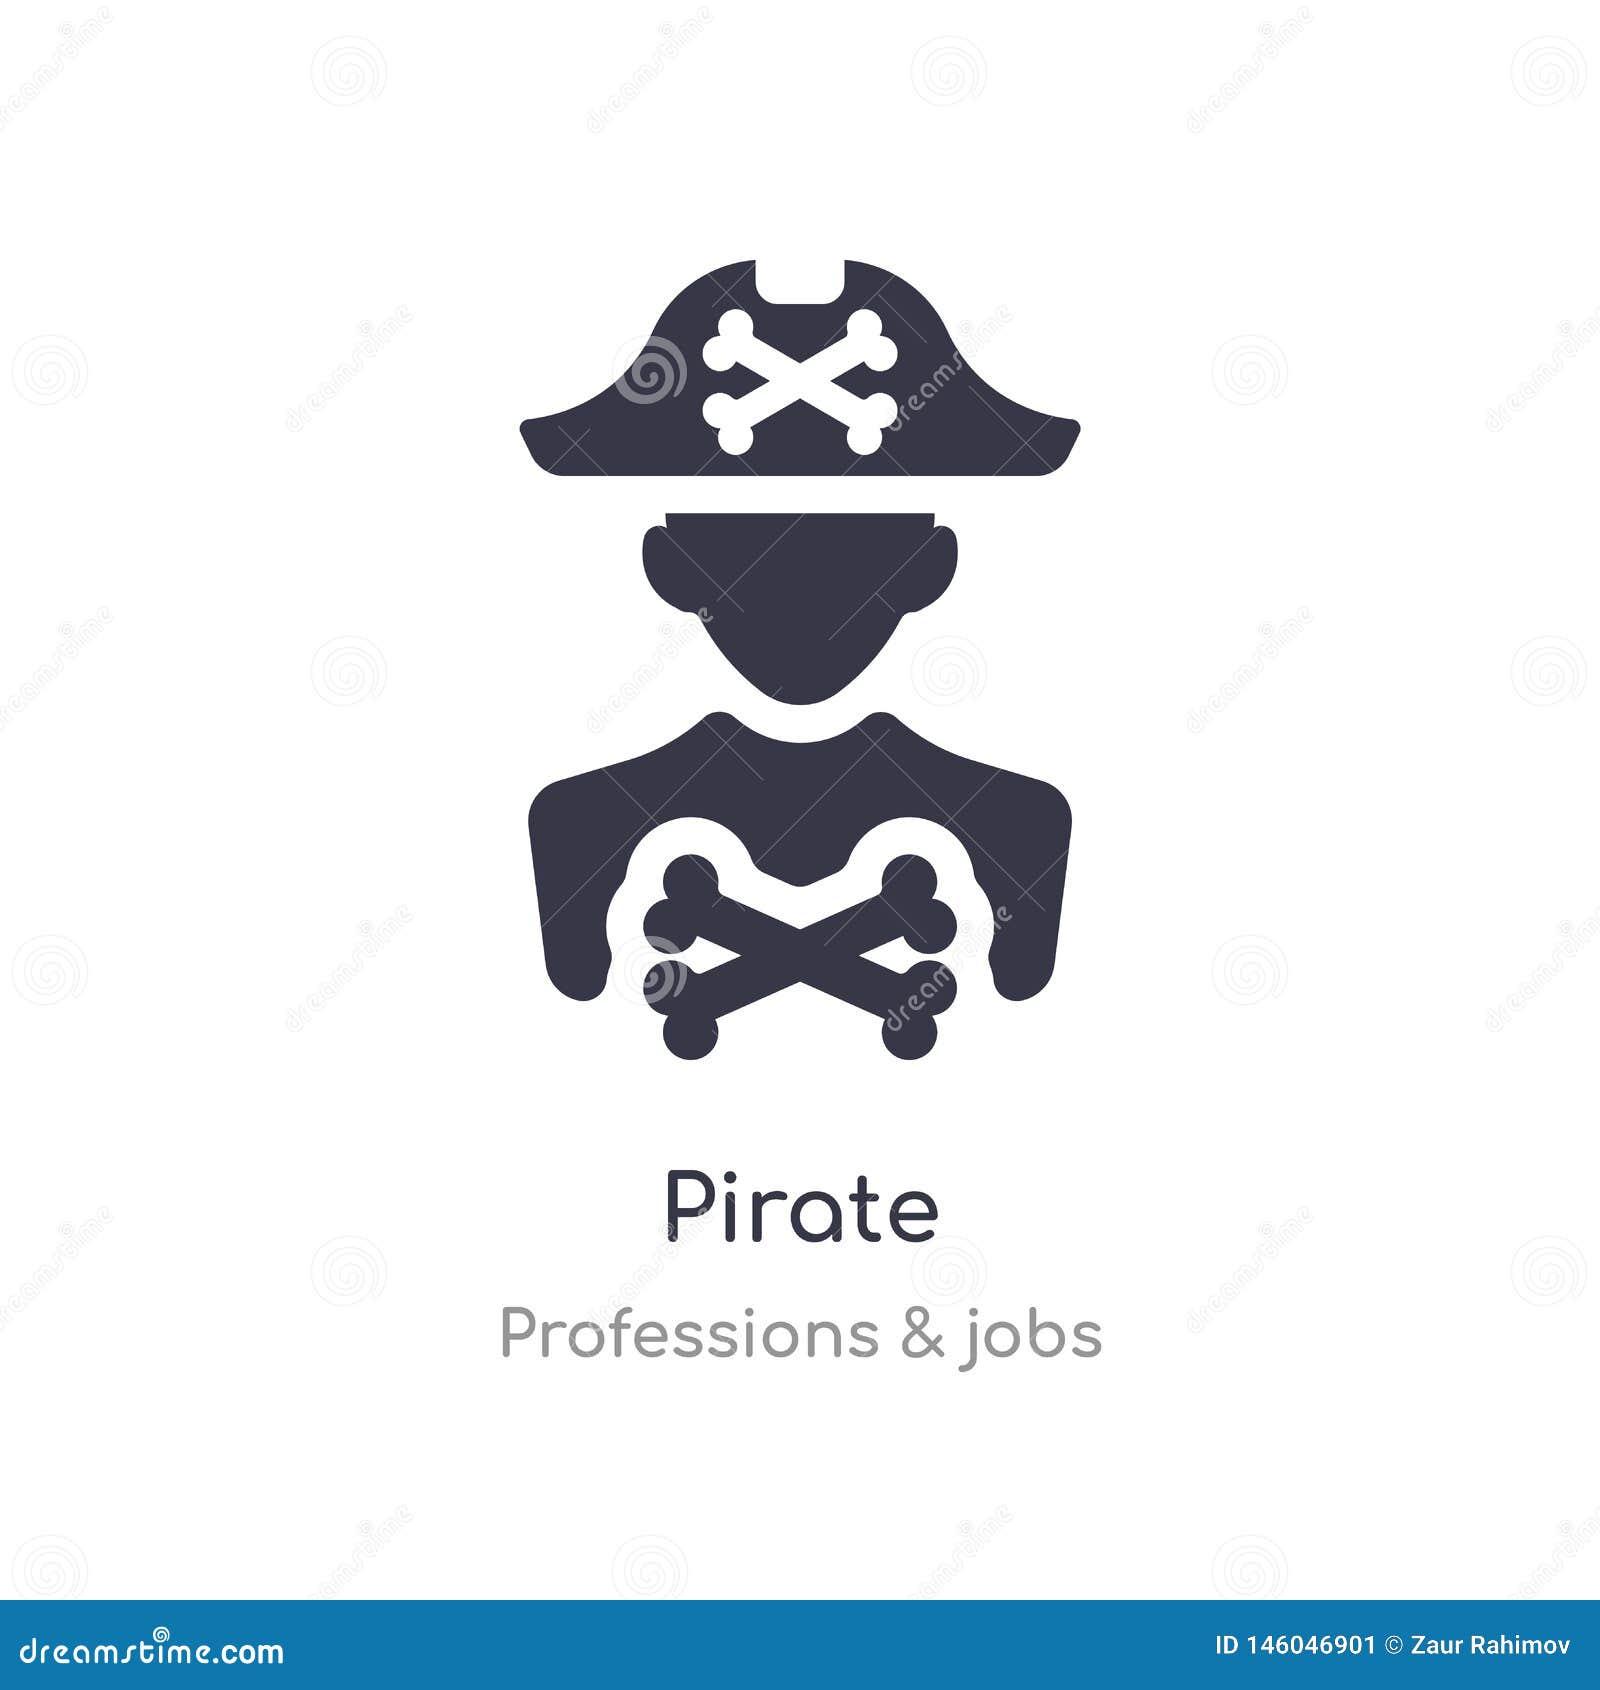 Piratkopiera symbolen isolerat piratkopiera symbolsvektorillustrationen från yrken & jobbsamling redigerbart sjunga symbolet kan